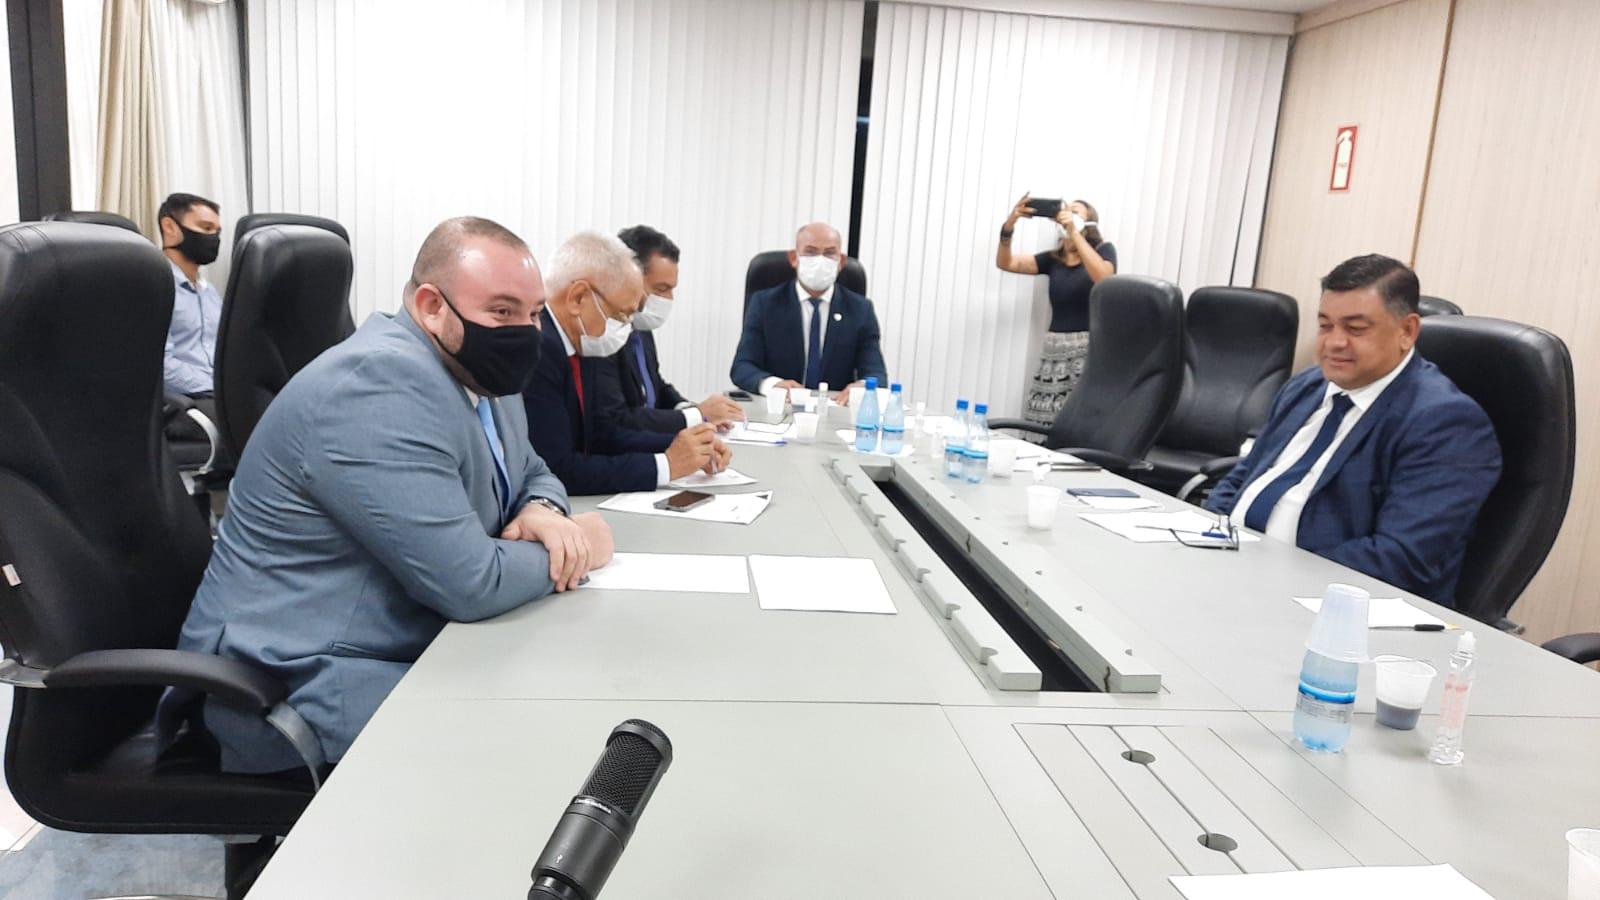 'MPE nunca fez auditoria do Guardião na atual gestão do Governo do Amazonas', disse Louismar Bonates em reunião solicitada por Dermilson Chagas